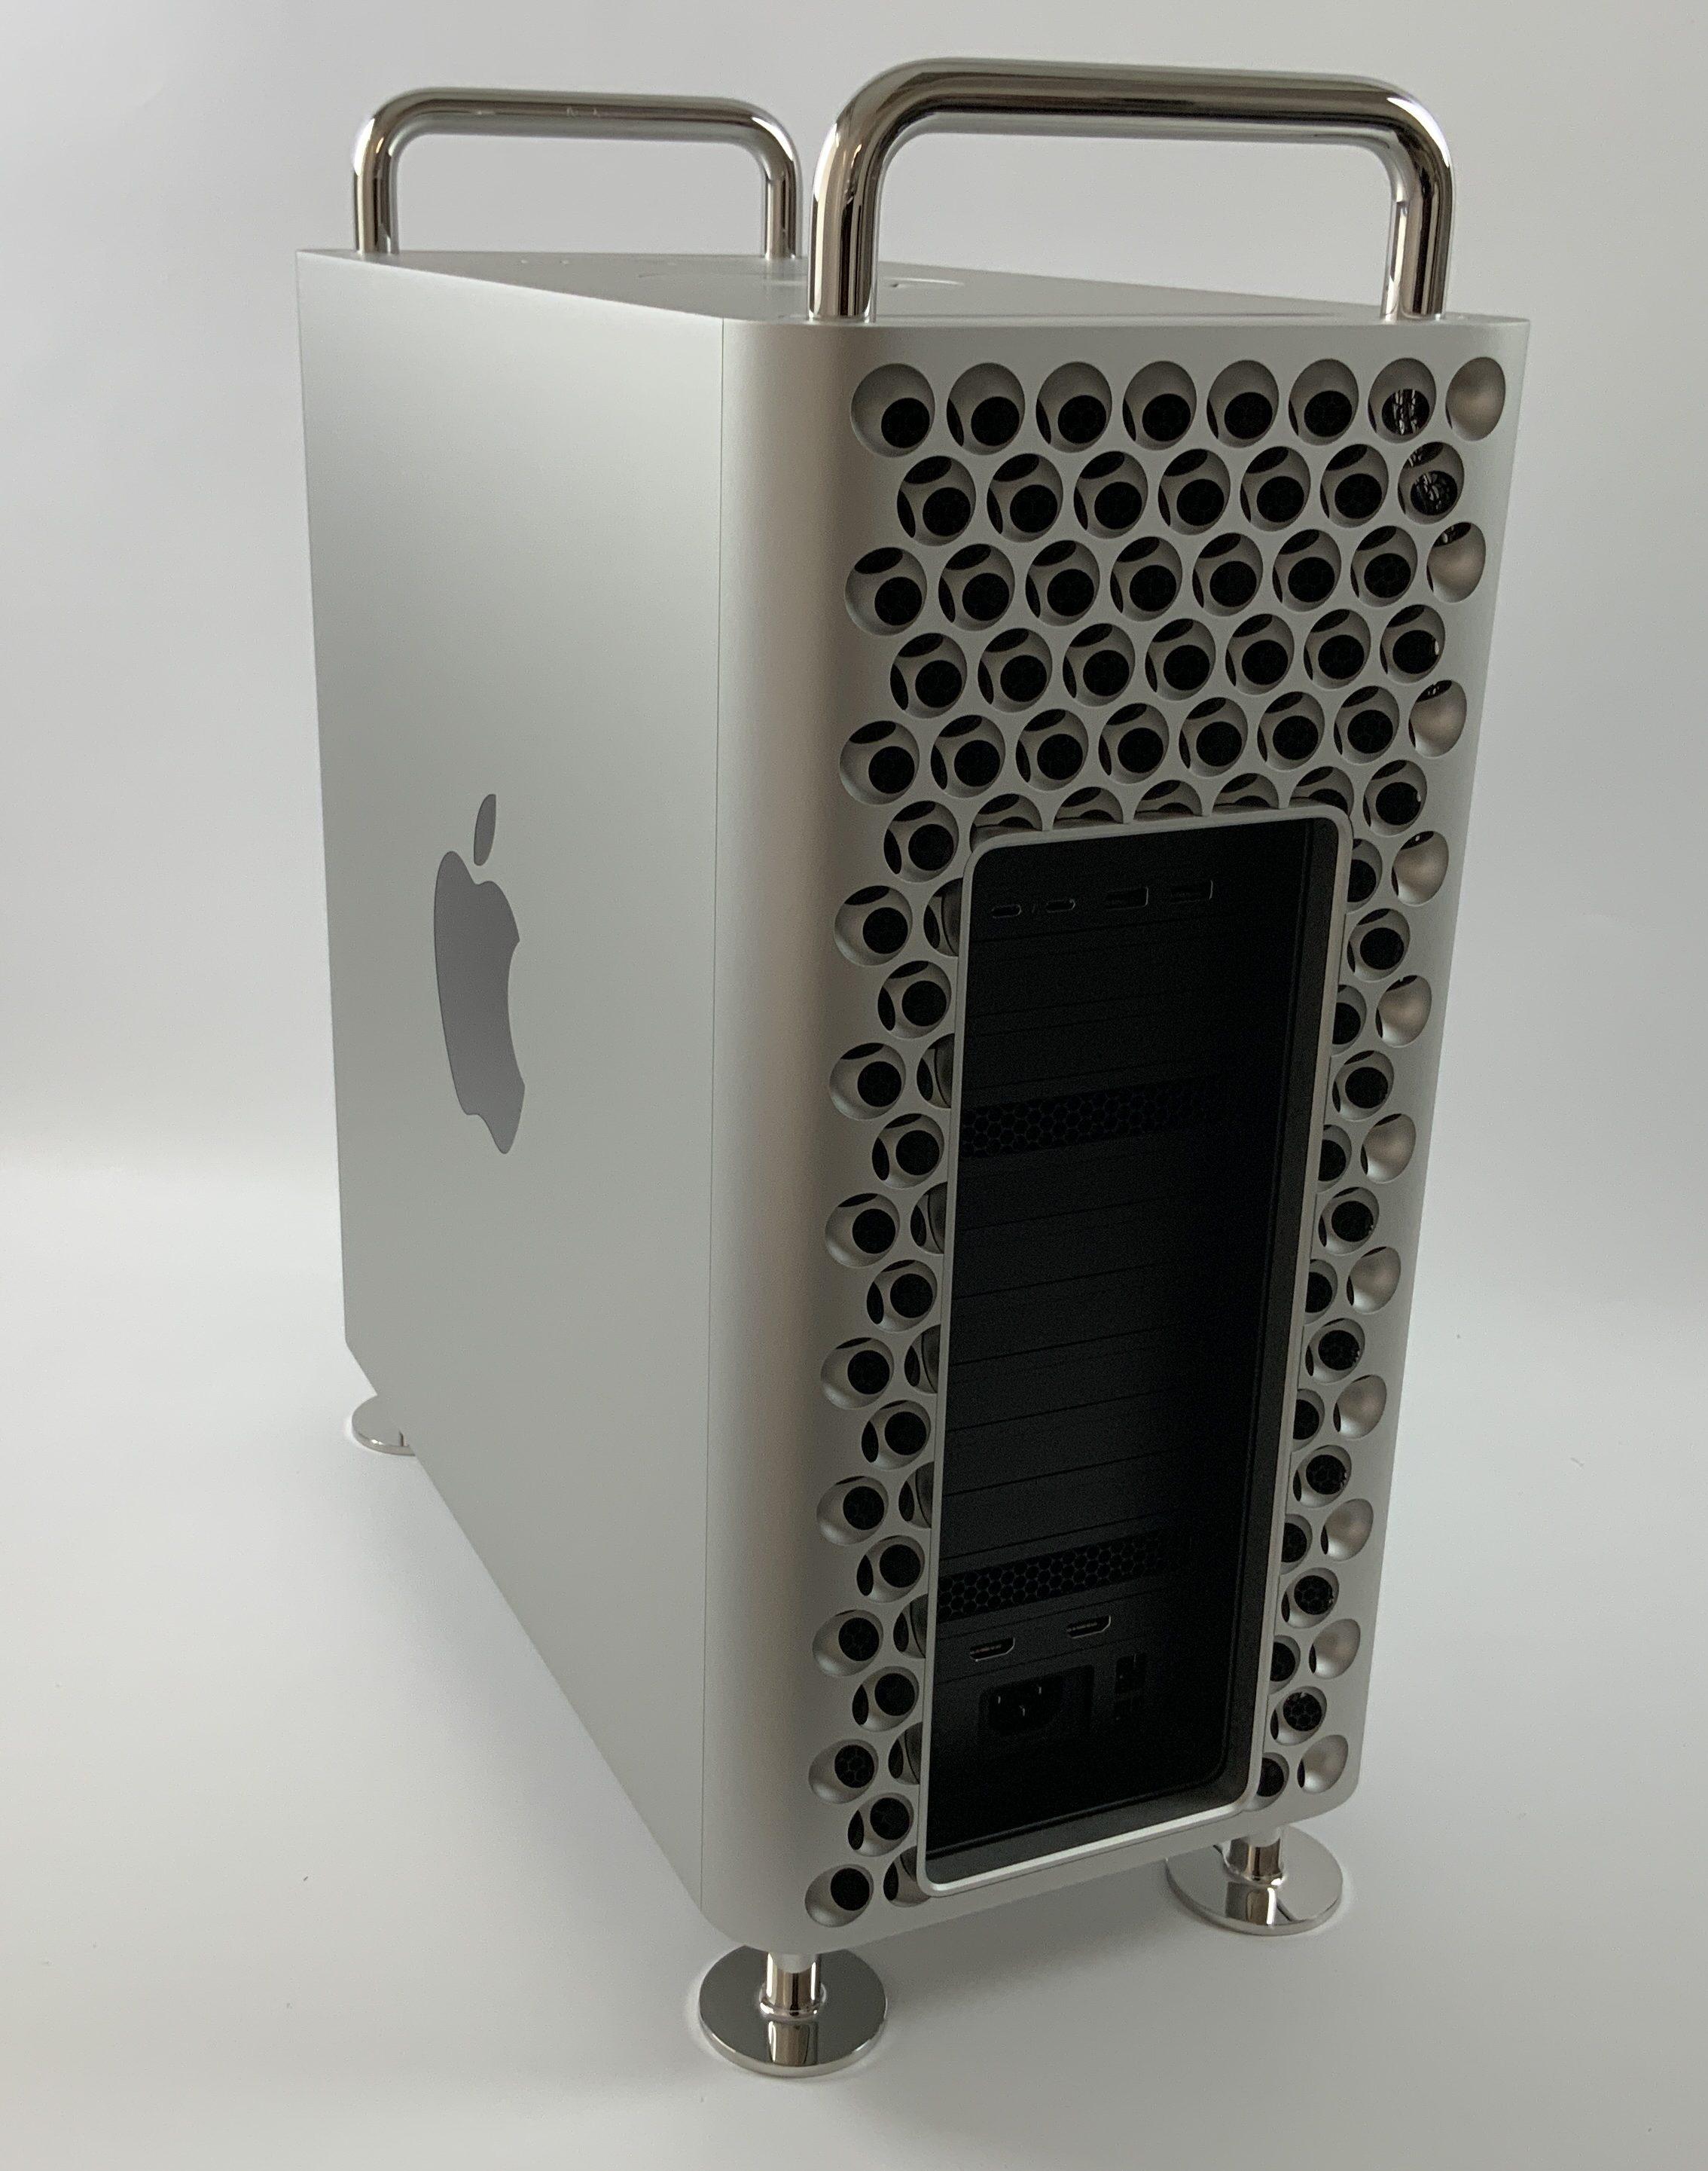 Mac Pro Late 2019 (Intel 8-Core Xeon W 3.5 GHz 32 GB RAM 1 TB SSD), Intel 8-Core Xeon W 3.5 GHz, 32 GB RAM, 1 TB SSD, imagen 2